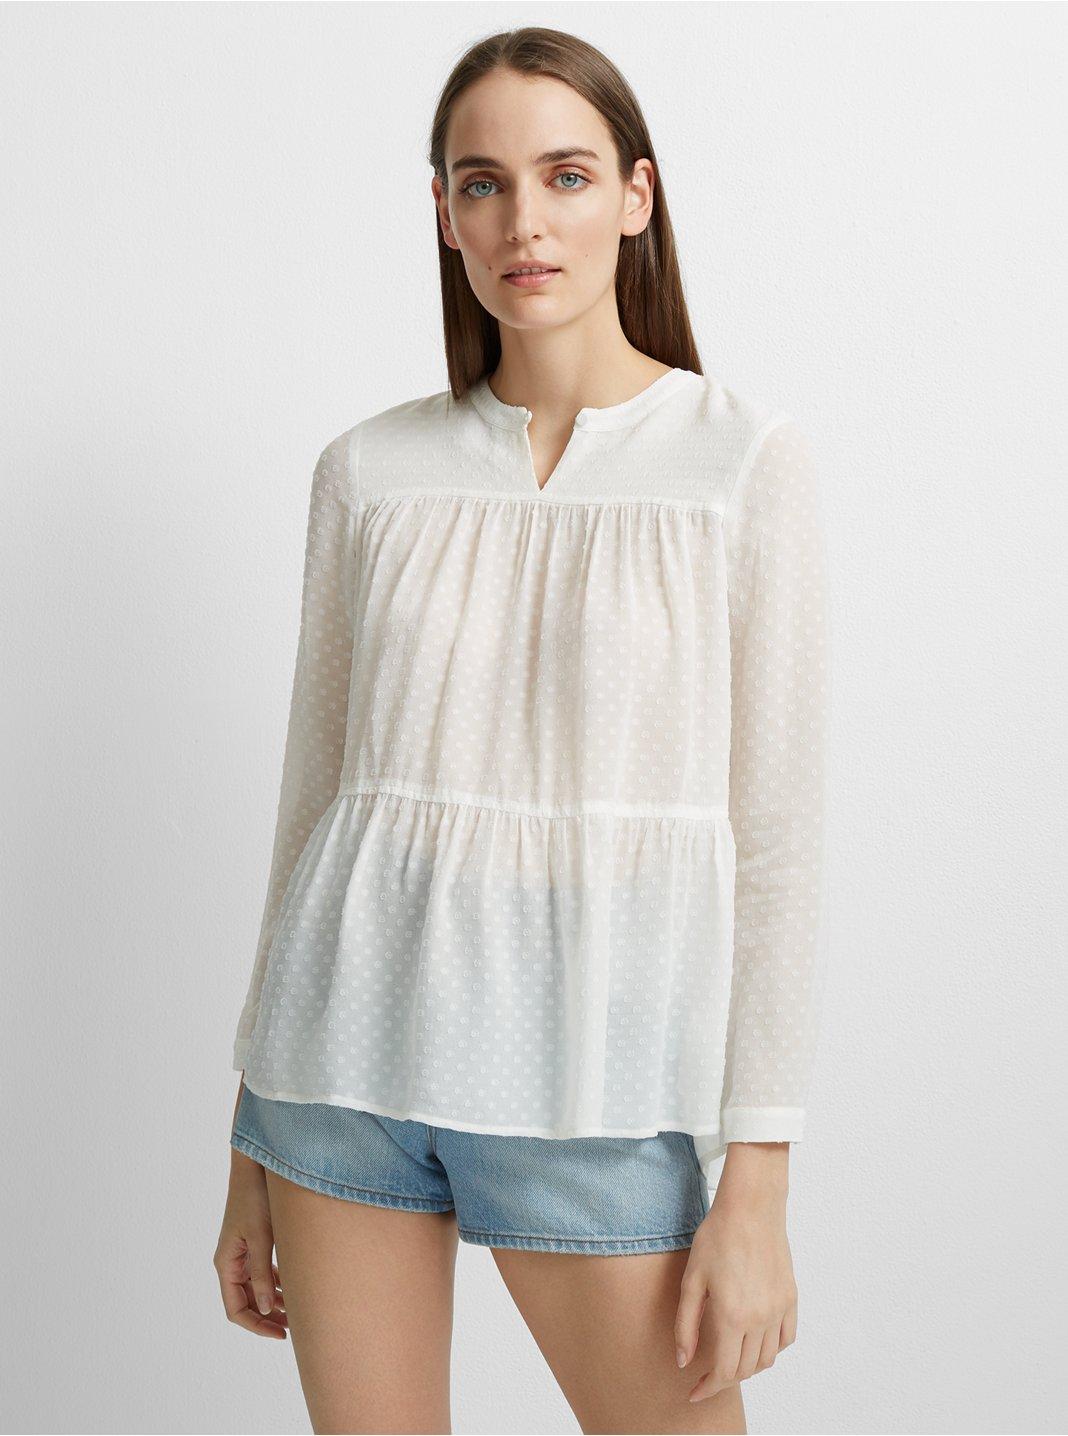 Tangaleena Shirt